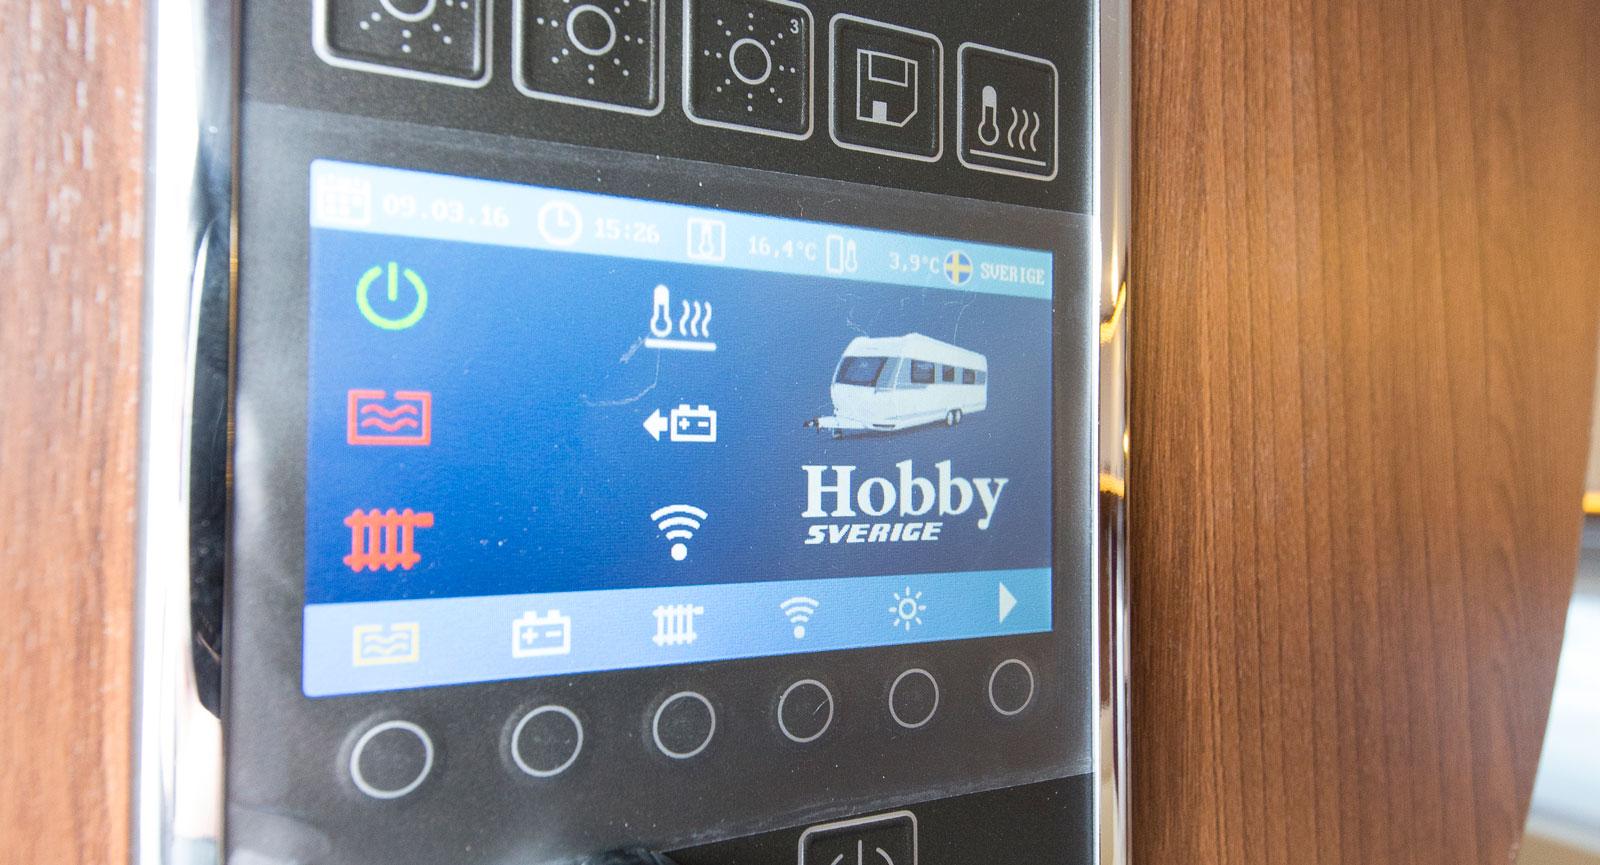 Hobbys egen manöverpanel som är uppkopplad mot appen.